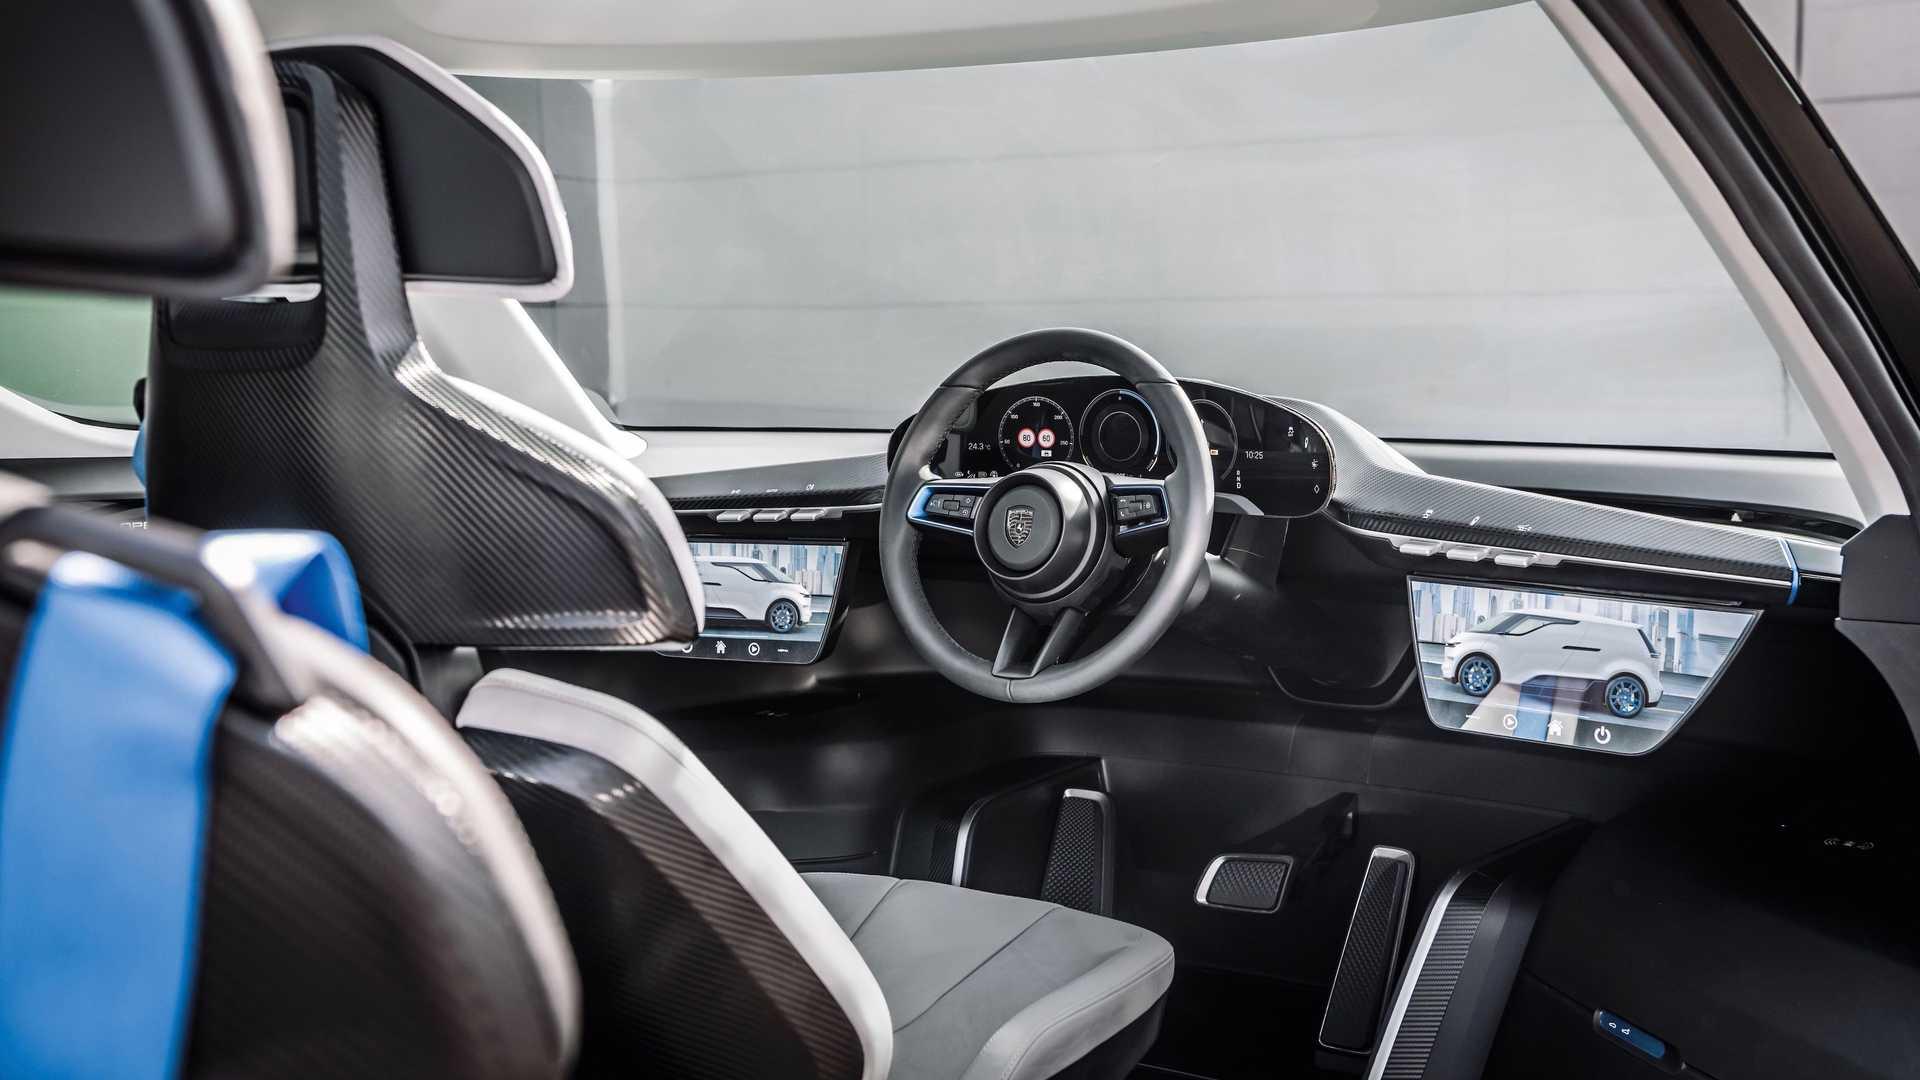 Porsche-Vision-Renndienst-concept-interior-4